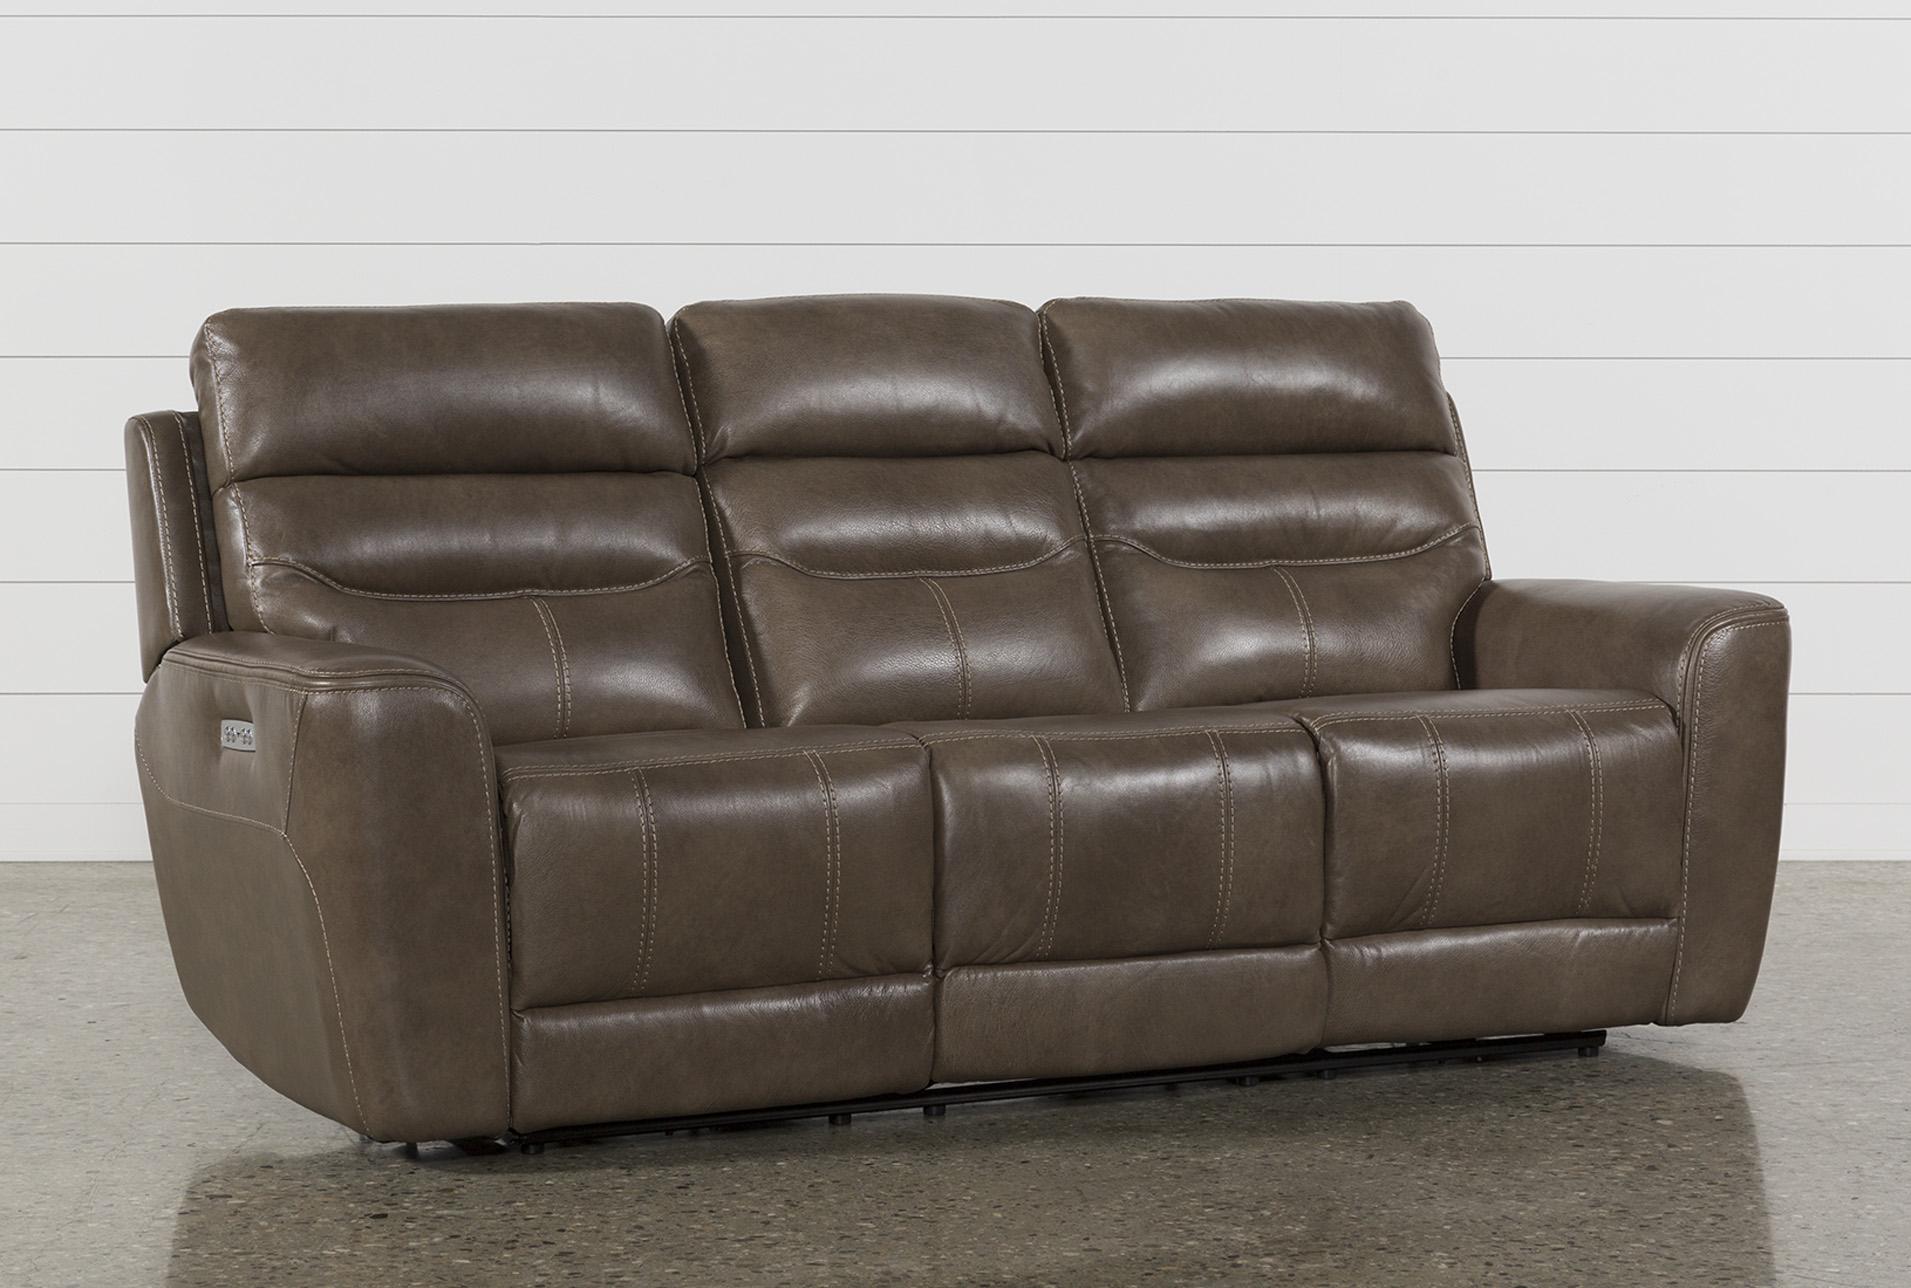 Cheyenne Mocha Leather Power Reclining Sofa W/Pwr Headrest U0026 Drop Down Table